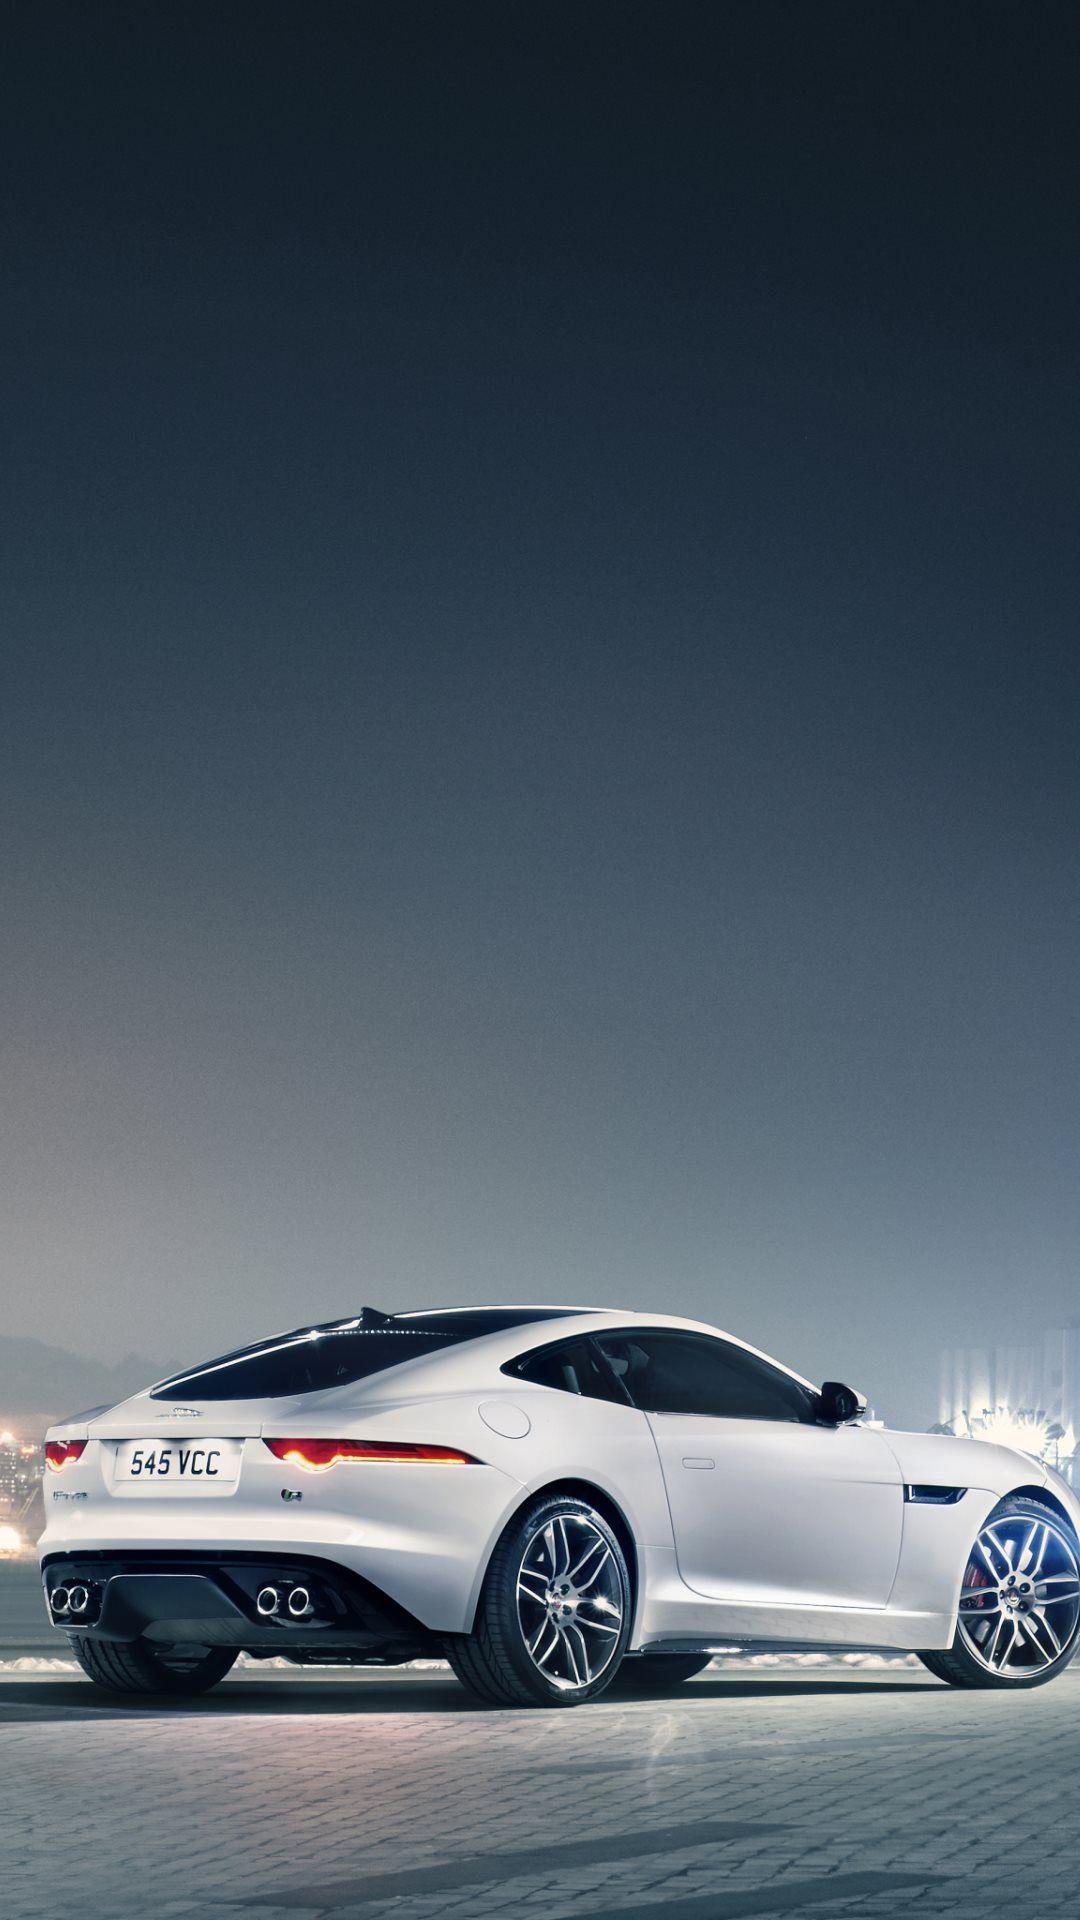 21 Jaguar F TYPE   Carros de luxo, Carros, Carros esportivos